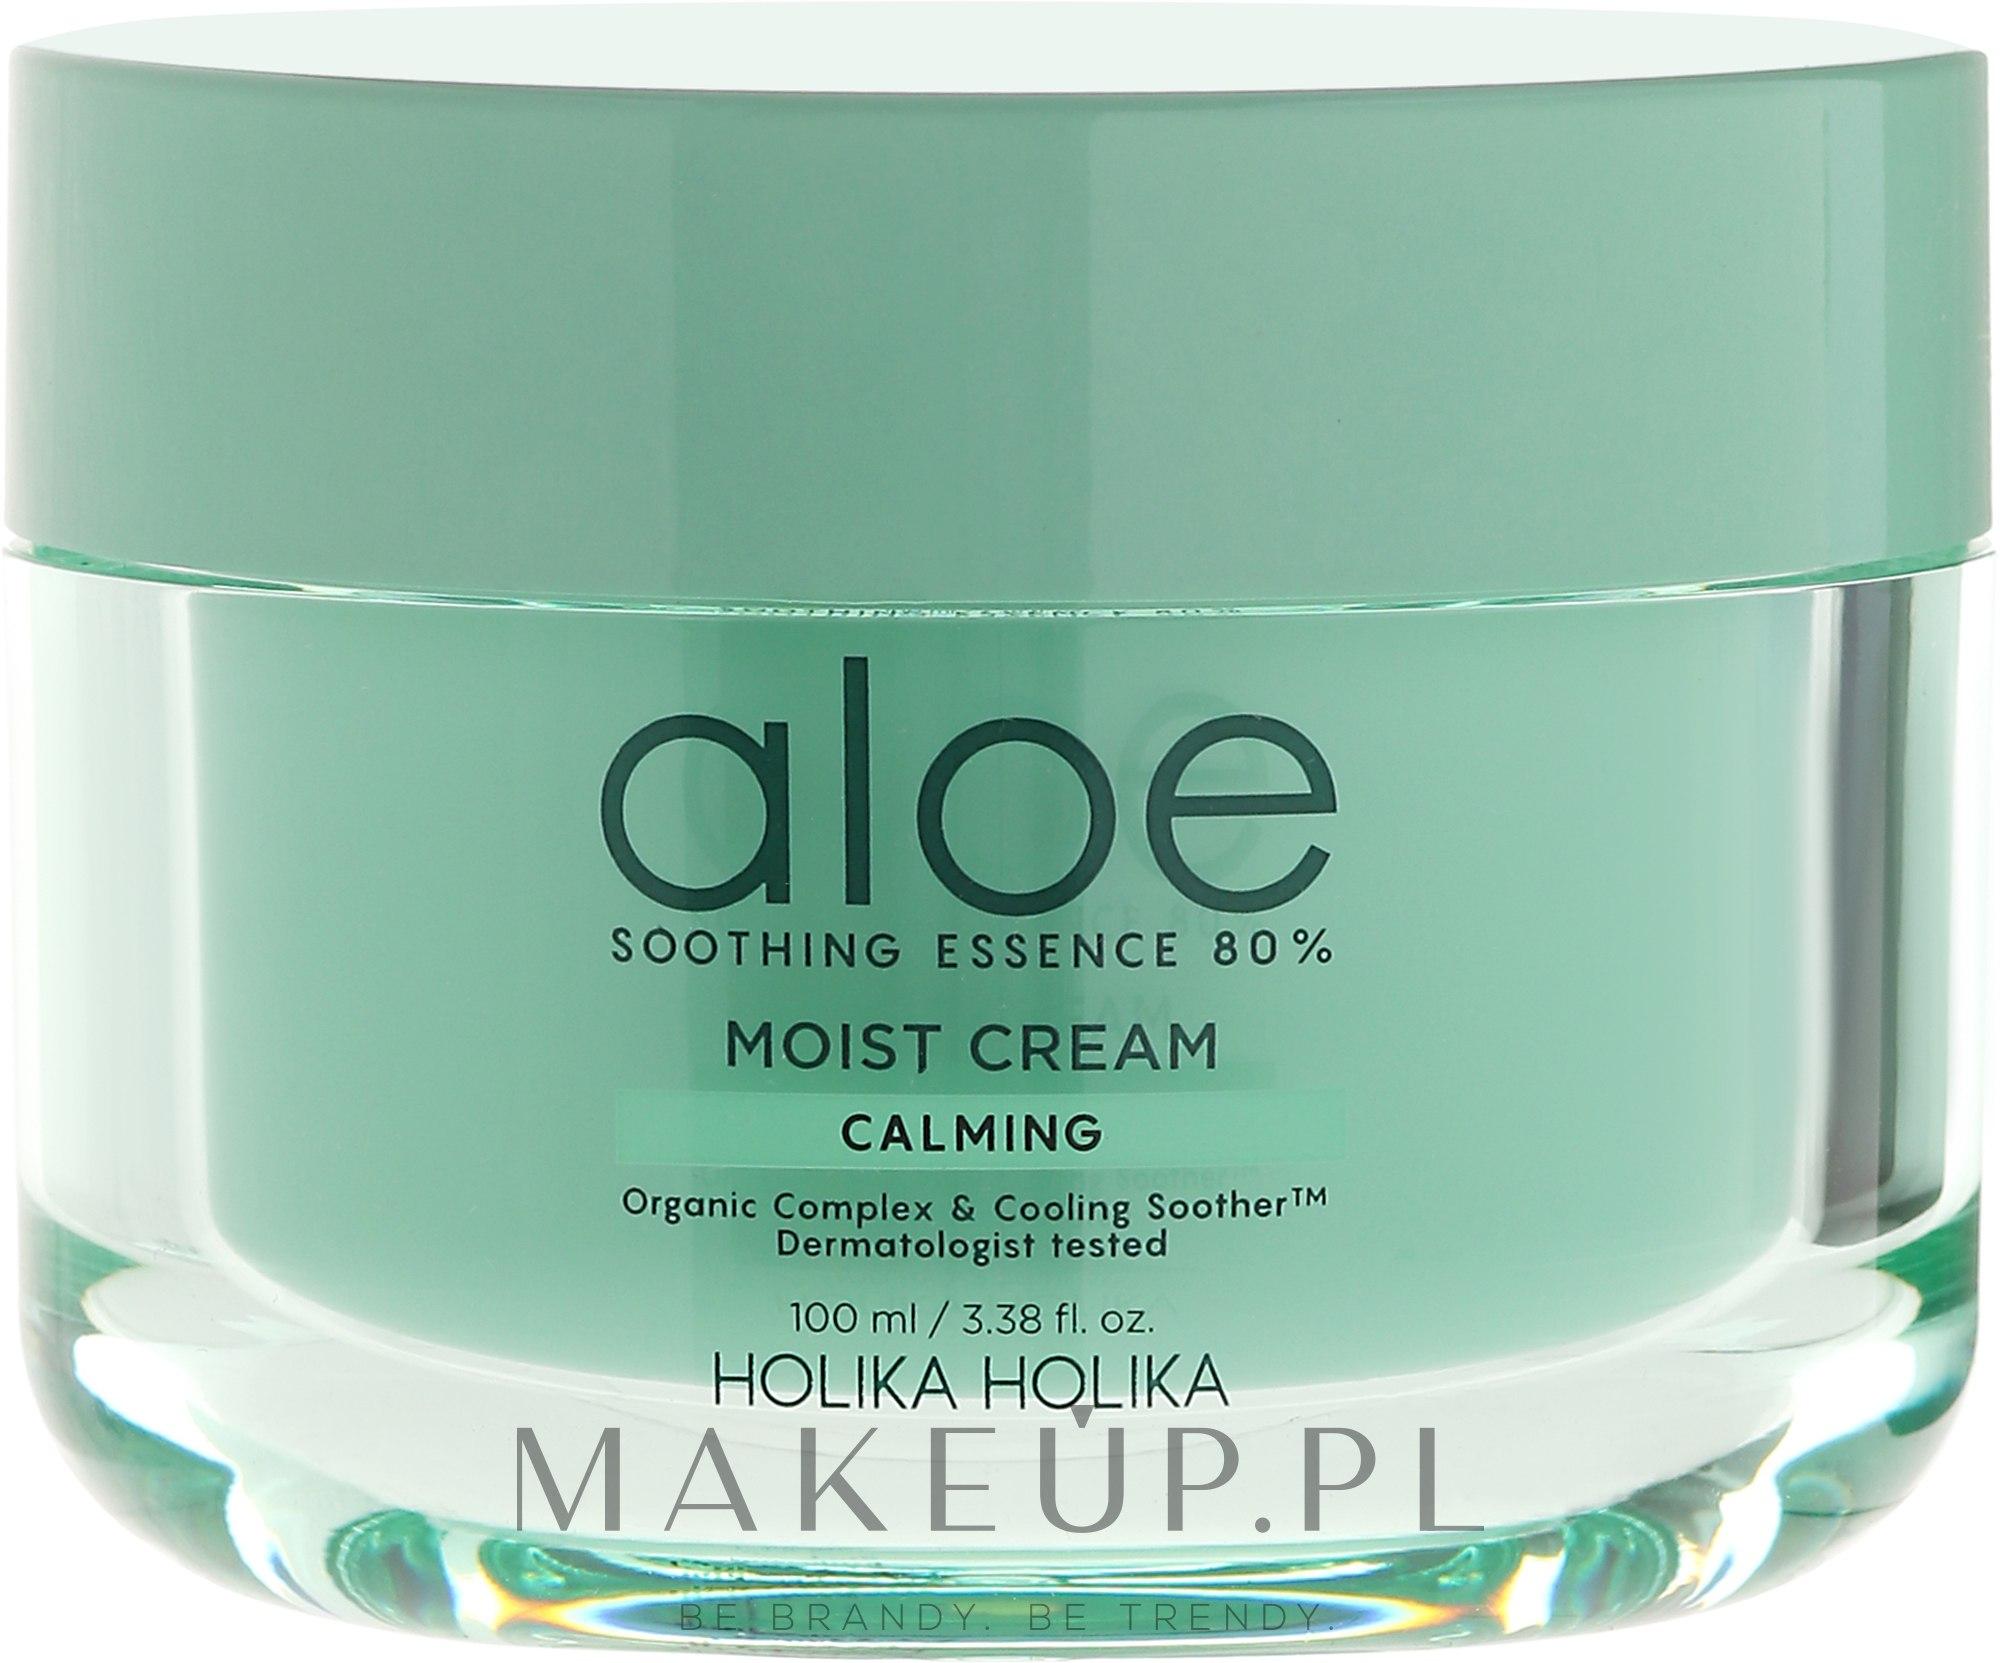 Nawilżający krem kojący z aloesem - Holika Holika Aloe Soothing Essence 80% Calming Moist Cream — фото 100 ml